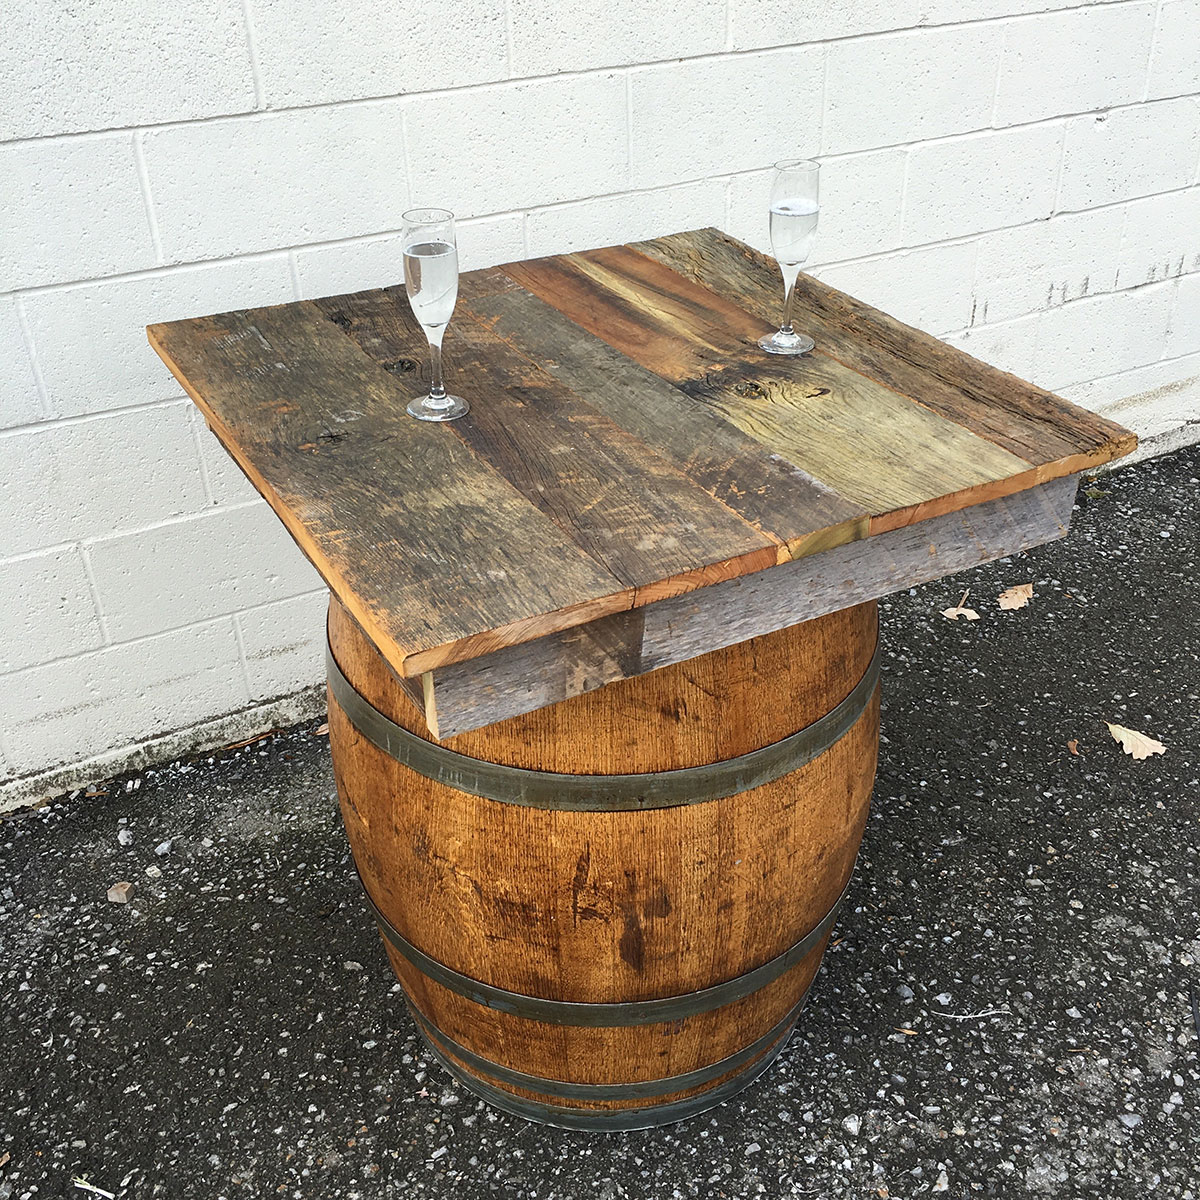 Wine Barrel w/ Reclaimed Wood Top - Wine Barrel W/ Reclaimed Wood Top Rental - McCarthy Tents & Events